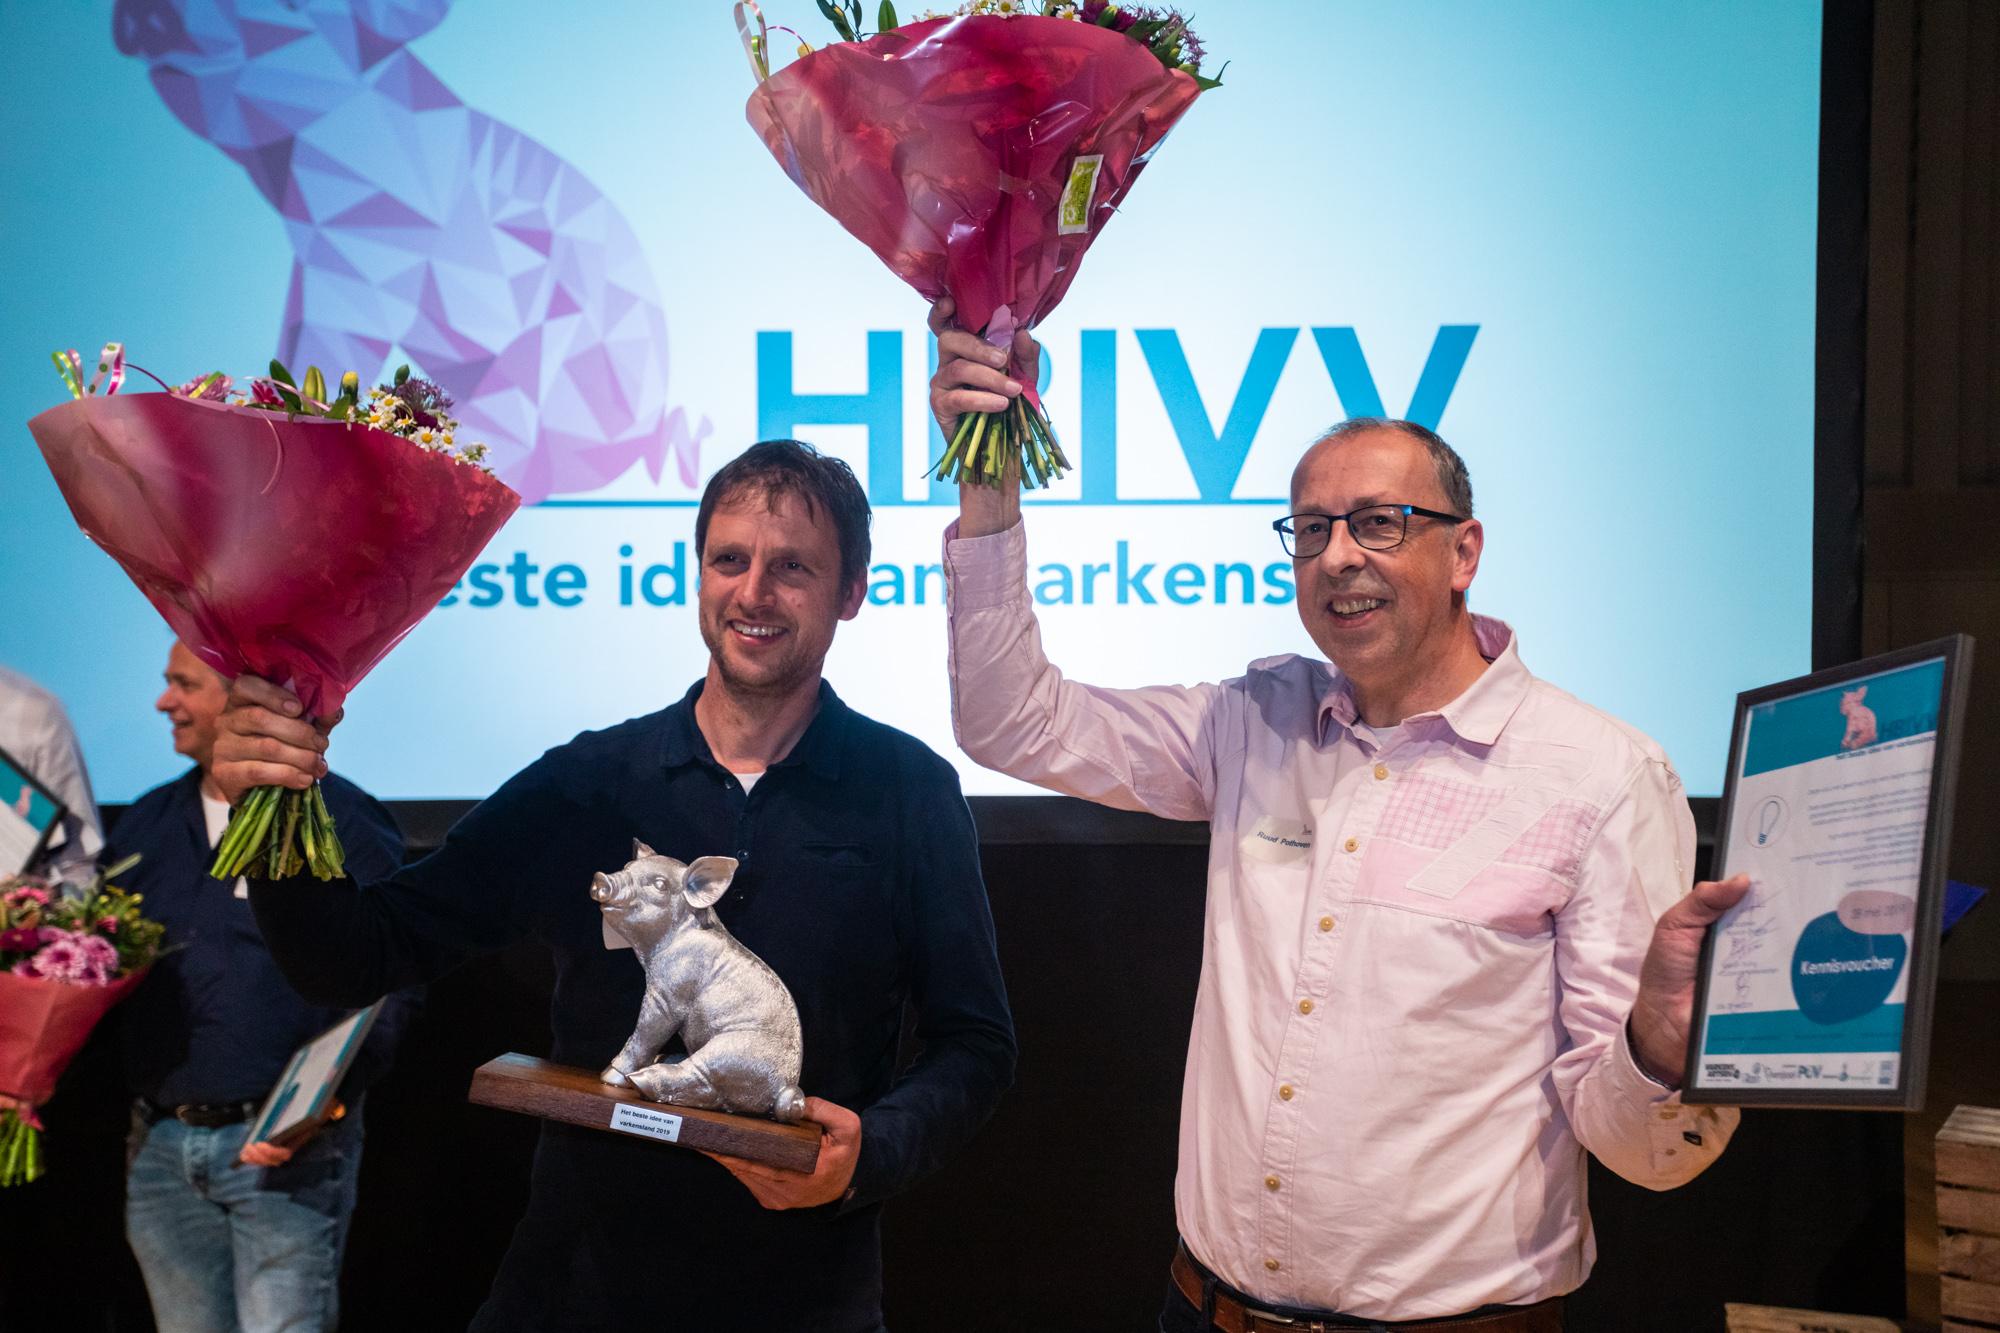 Winnaars HBIVV 2019: Ben Buurs en Ruud Pothoven